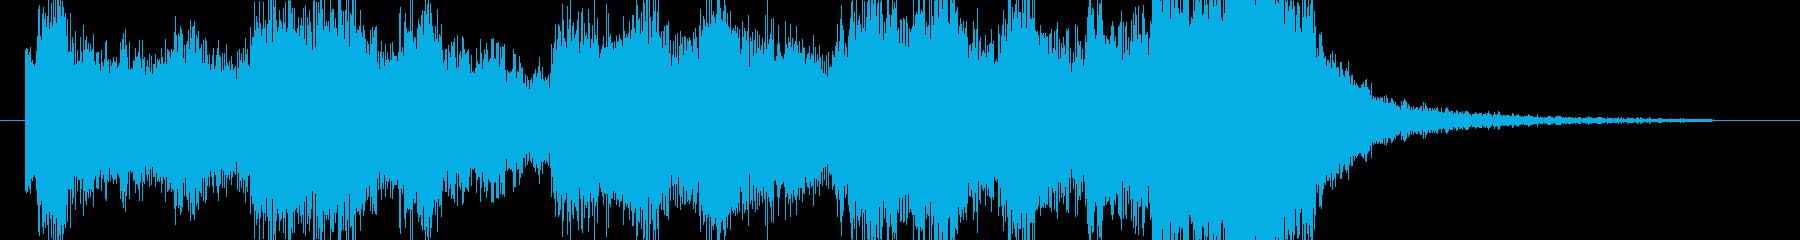 ジングル - エキサイトシーンの再生済みの波形